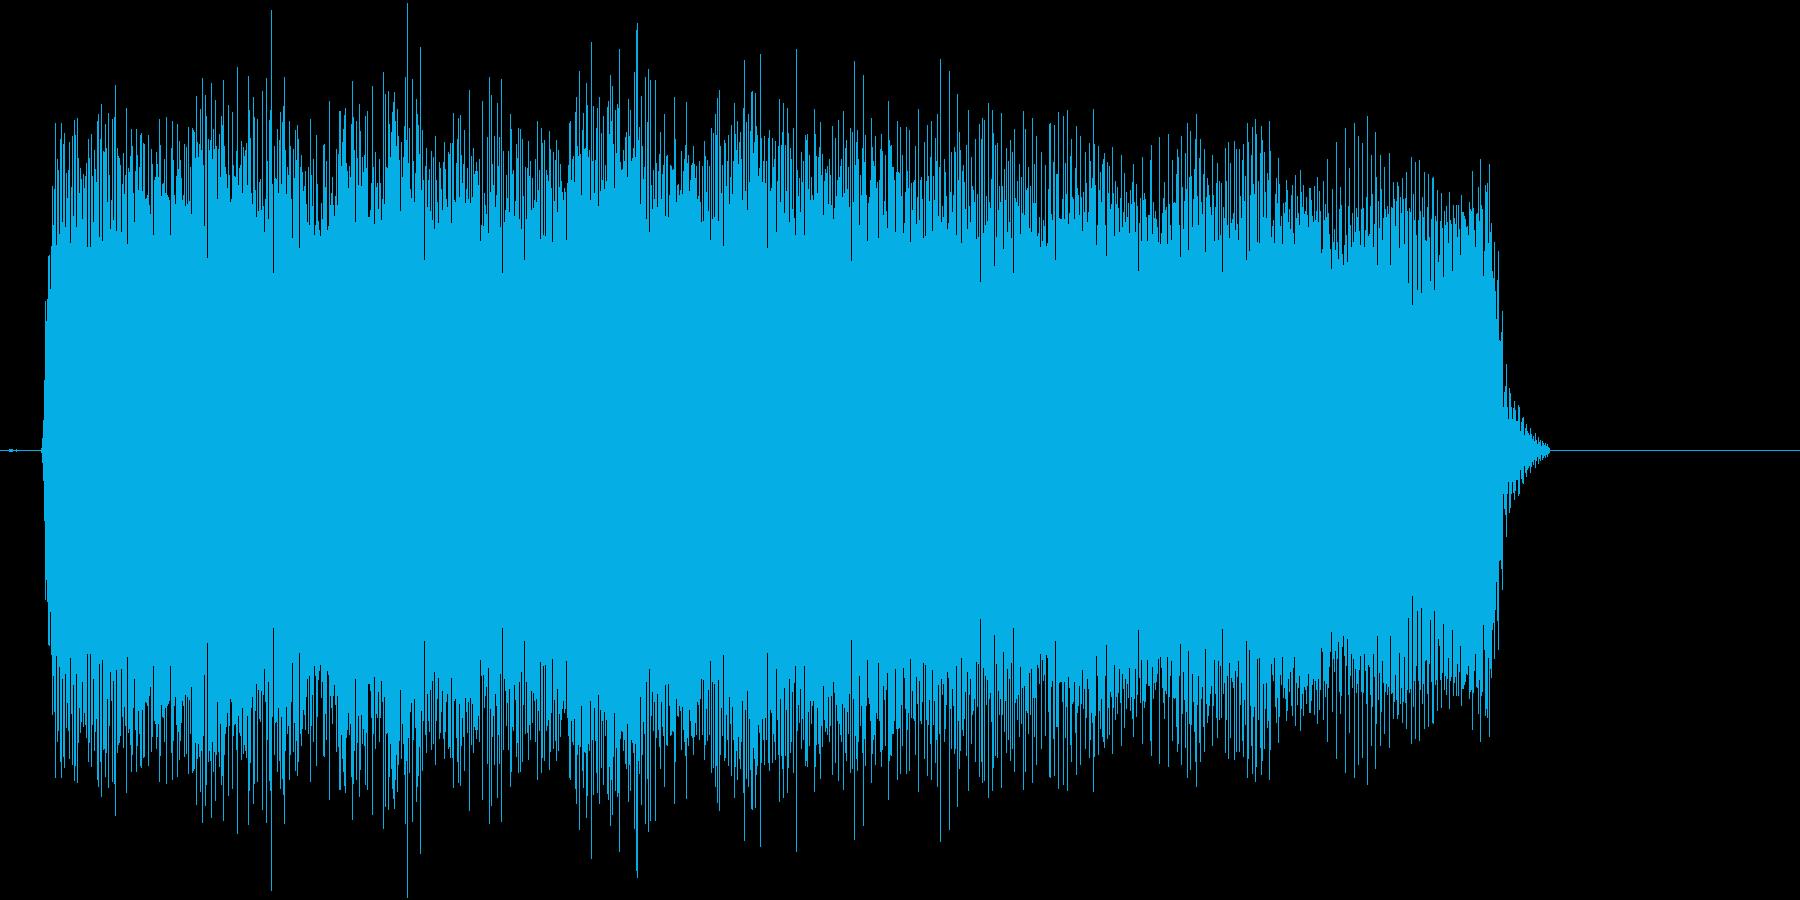 場面転換にピッタリなギターフレーズの再生済みの波形